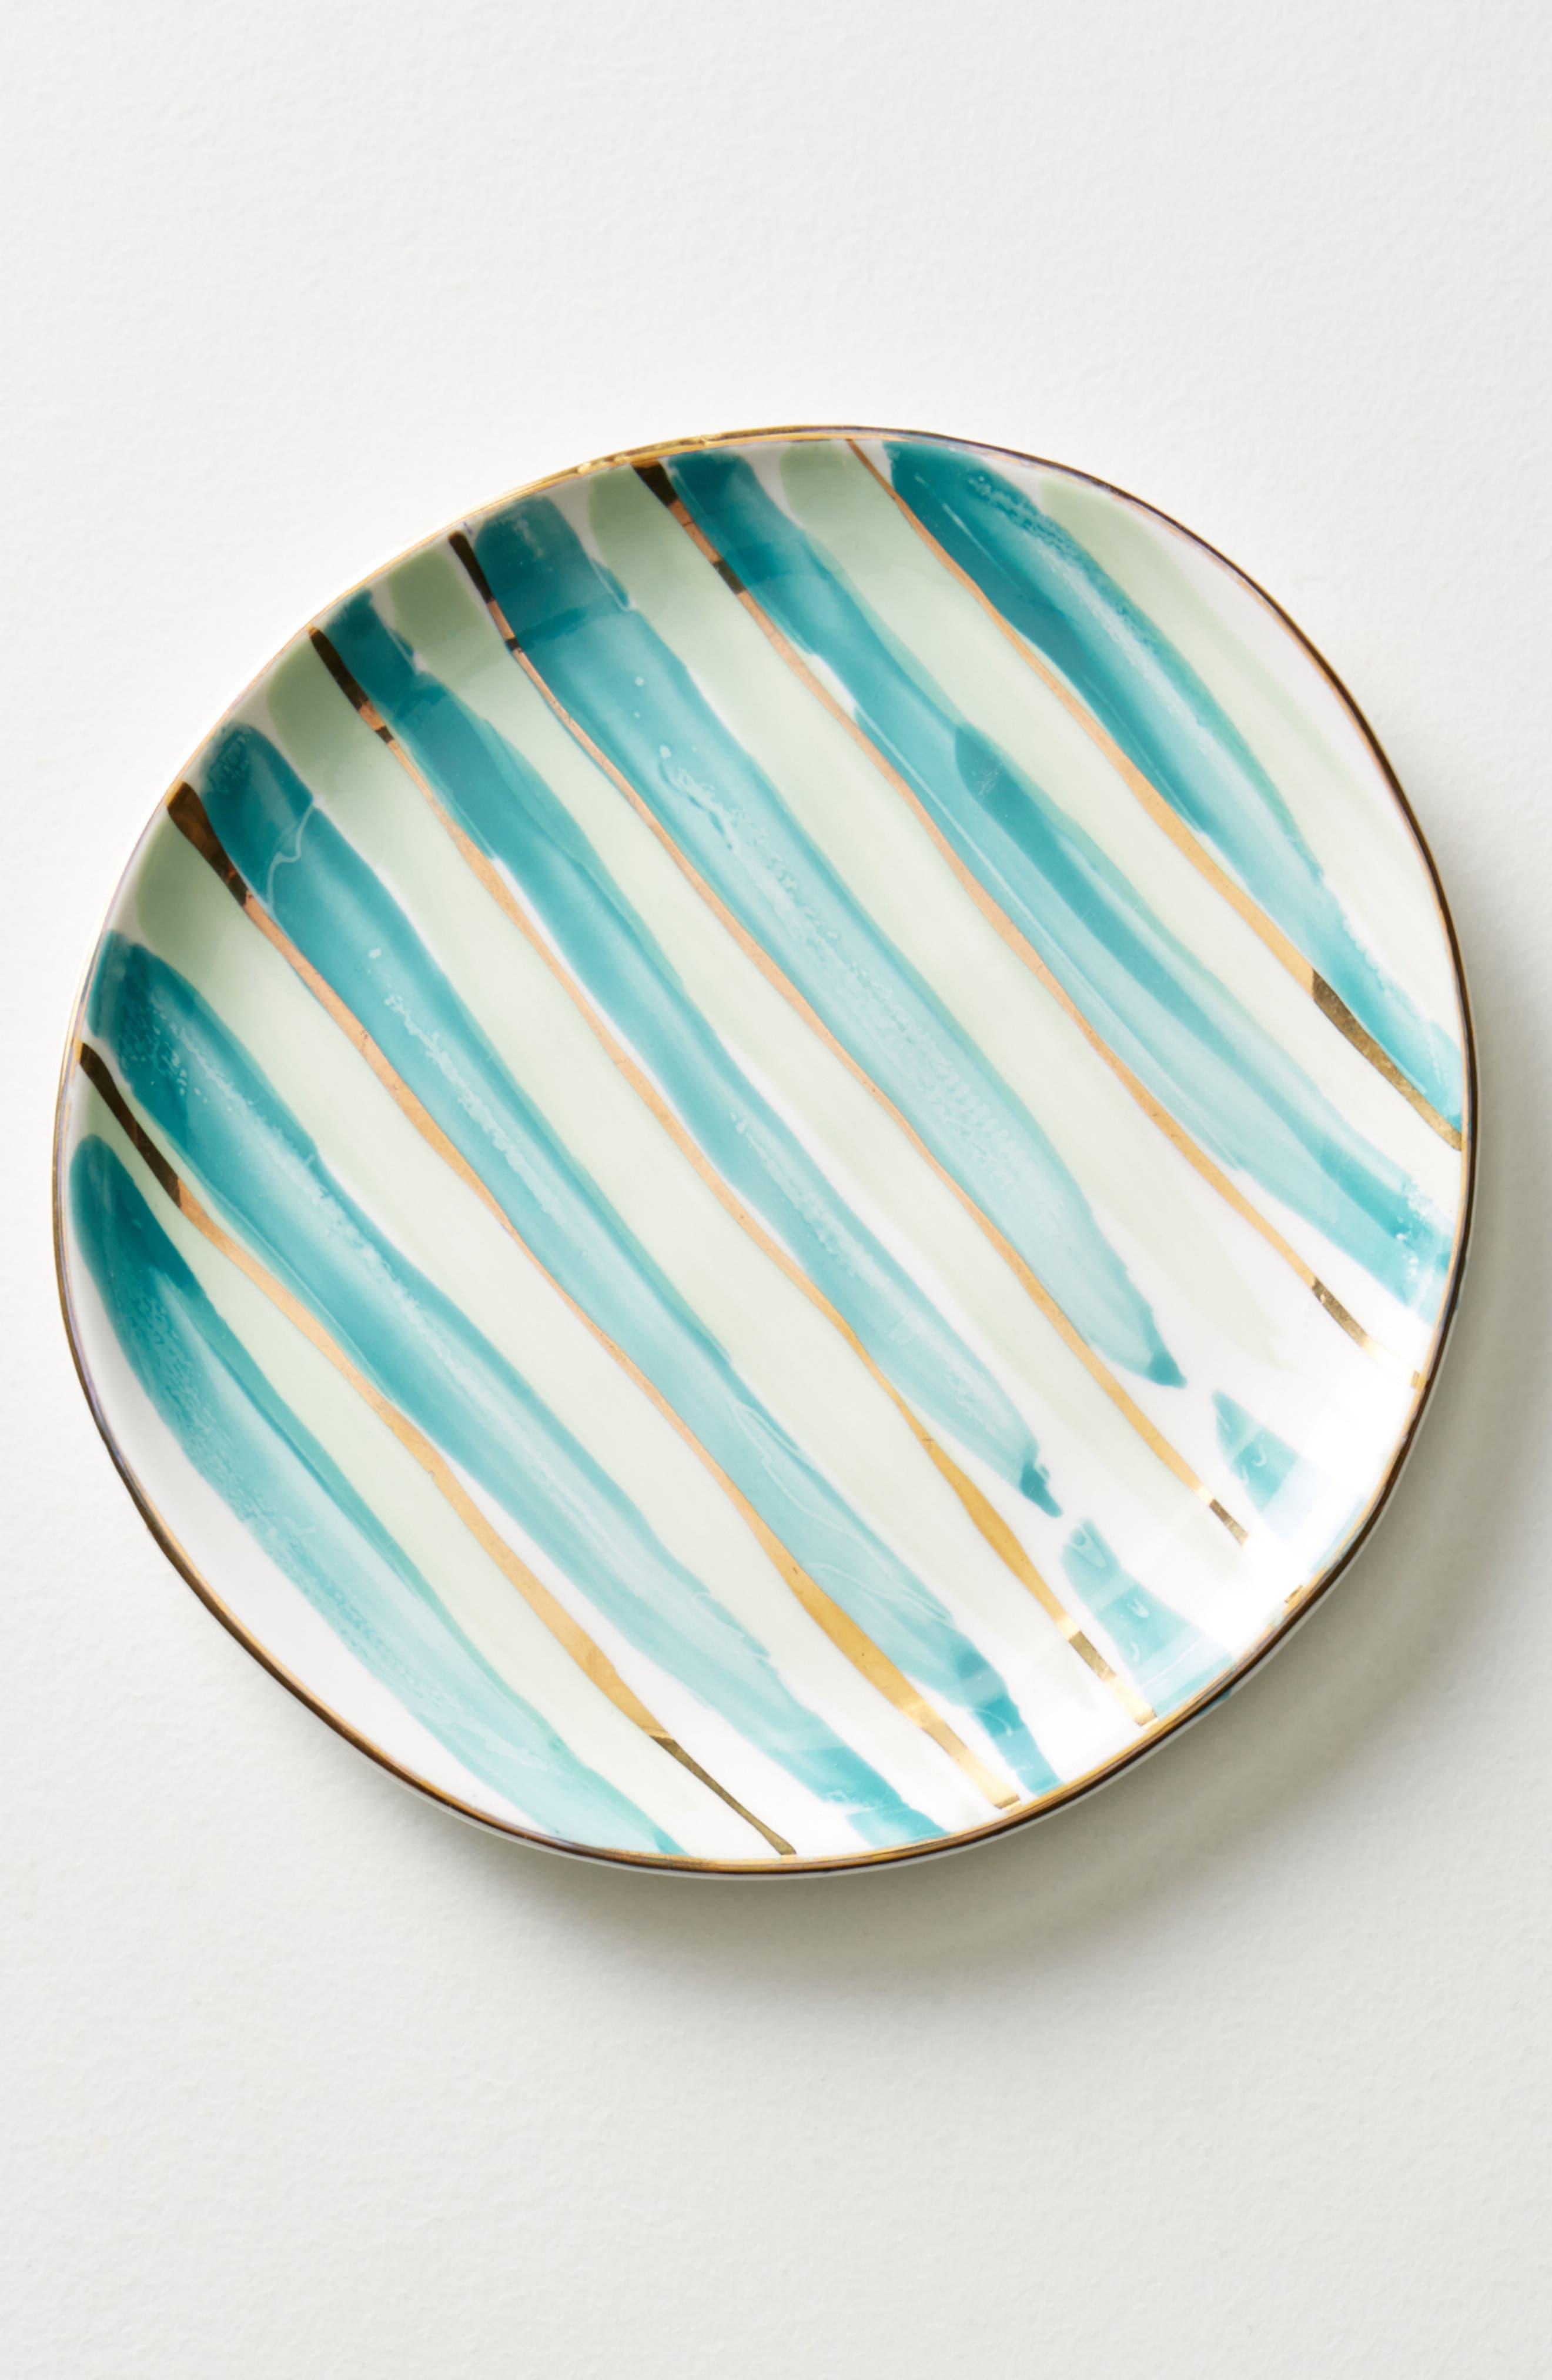 Mimira Canape Plate,                             Main thumbnail 1, color,                             Holly